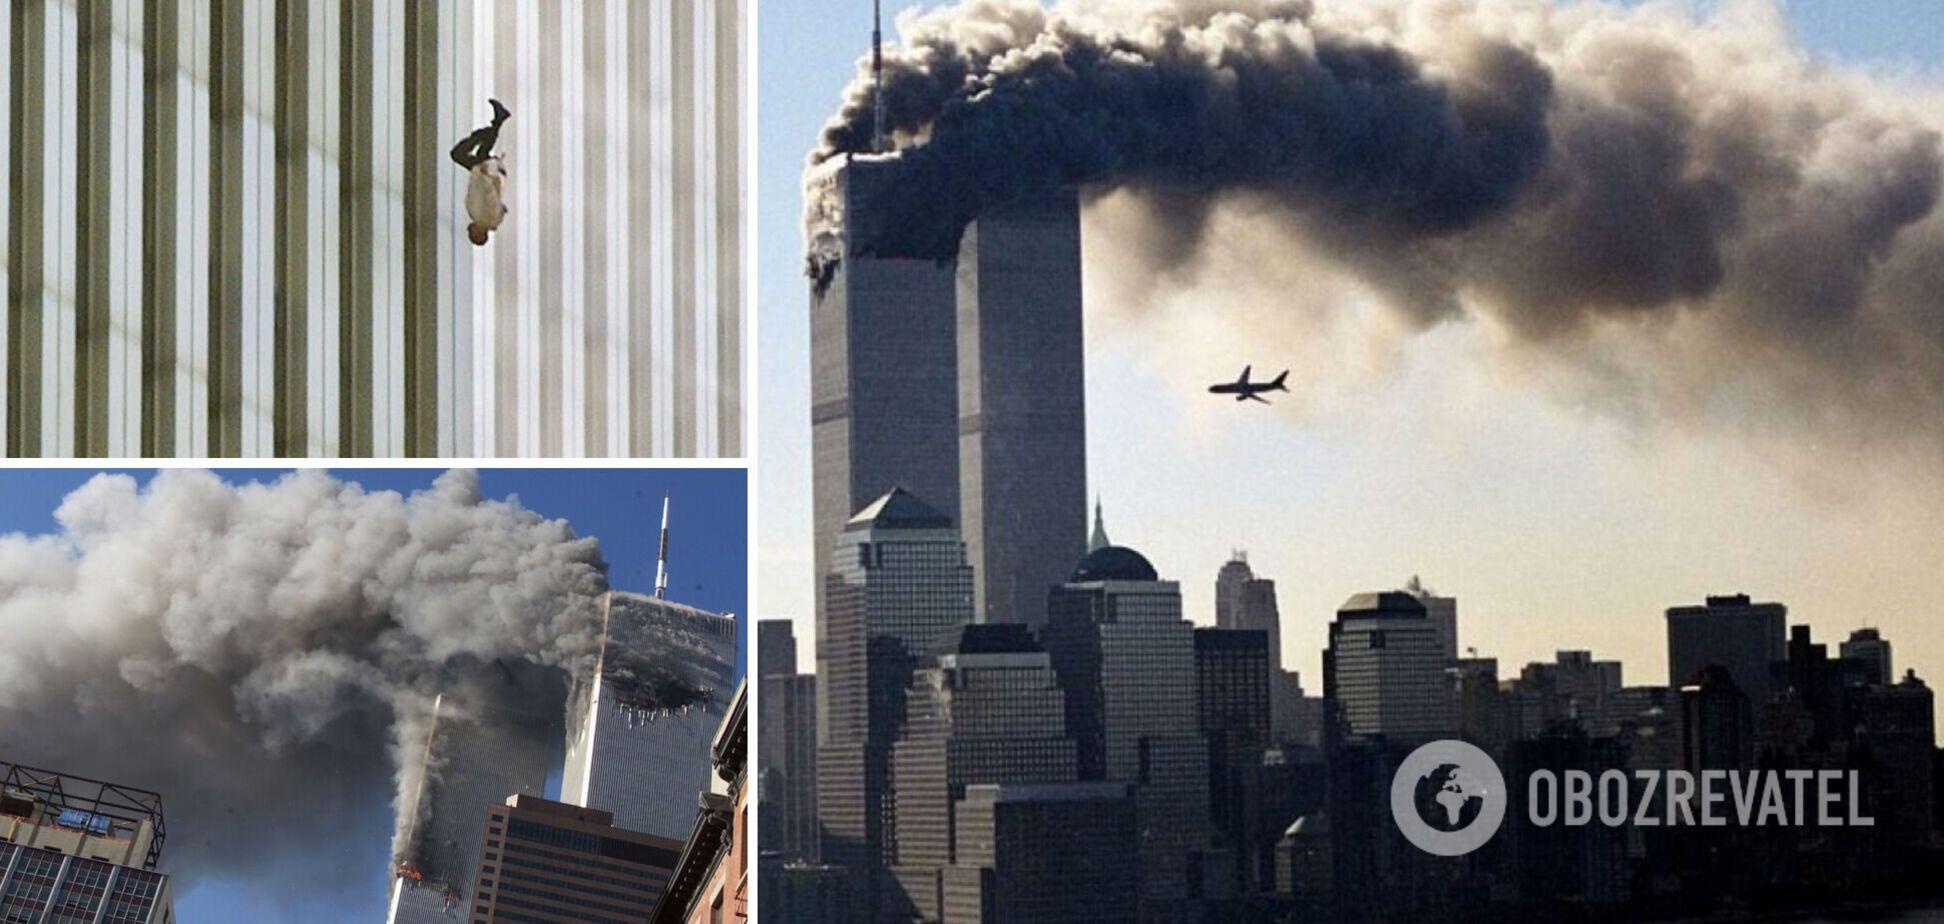 Ровно 20 лет назад произошла одна из самых крупных трагедий в истории